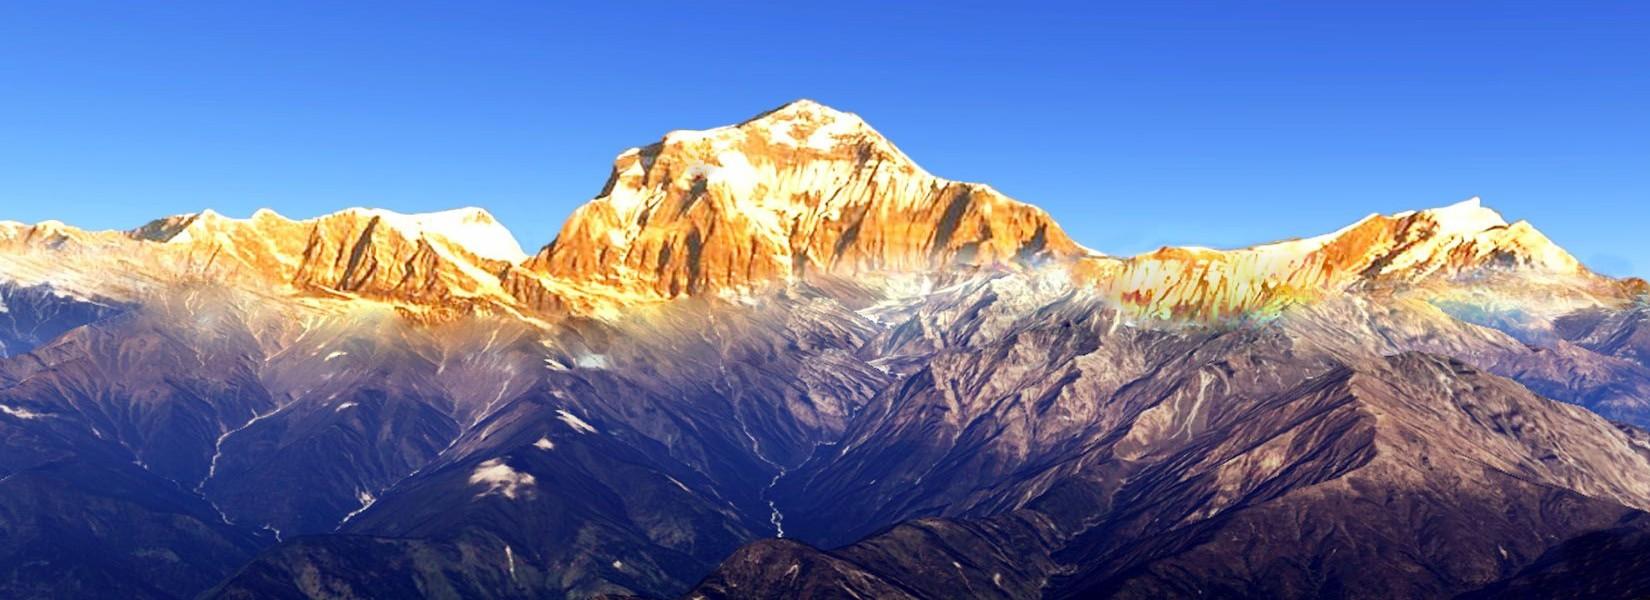 Dhaulagiri range, mount Dhaulagiri, Dhaulagiri circuit trekking, Dhaulagiri round trek